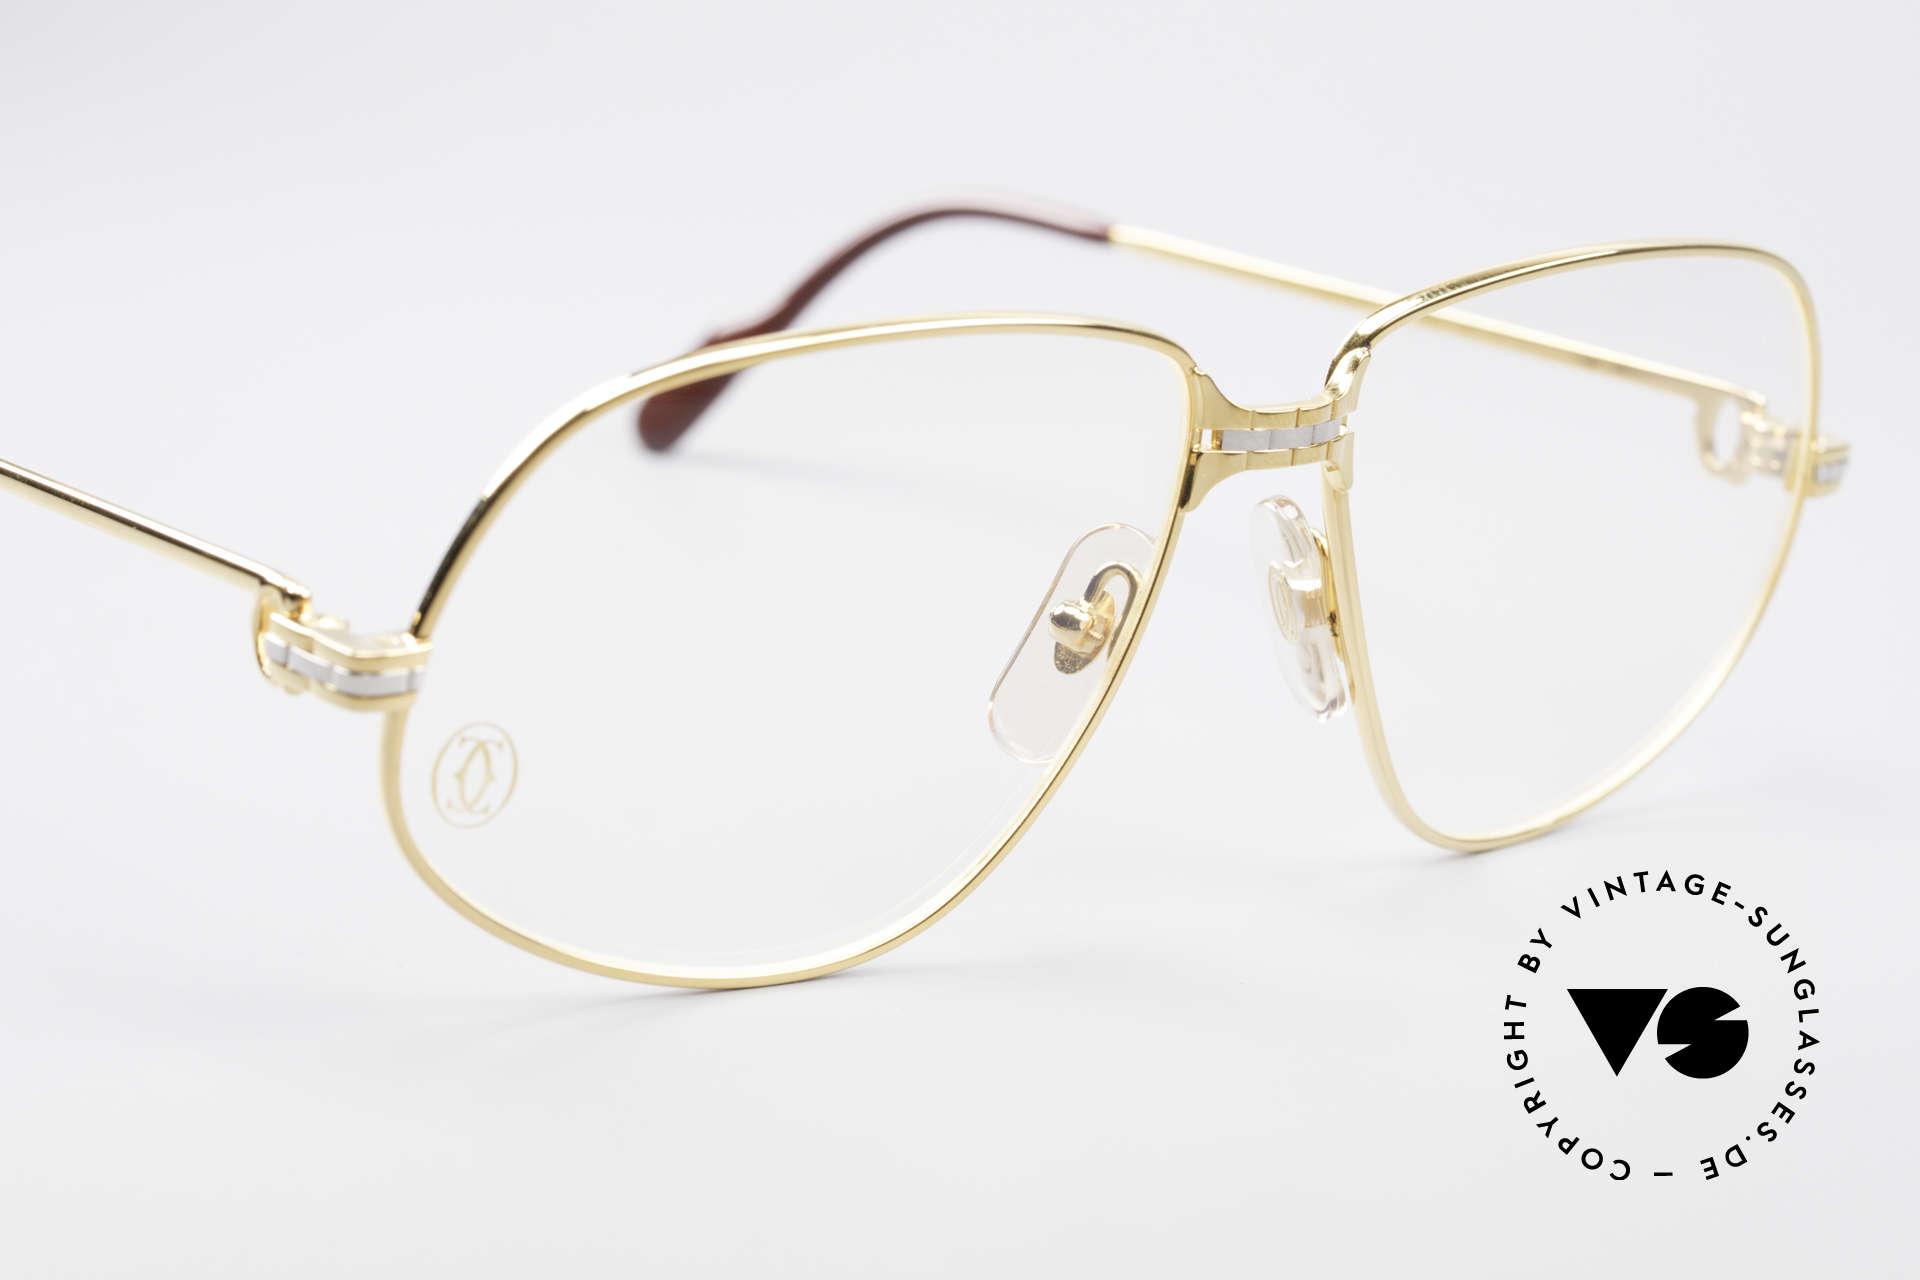 Cartier Panthere G.M. - L 80er Luxus Fassung, 22kt vergoldete Fassung (wie alle alten Cartier Brillen), Passend für Herren